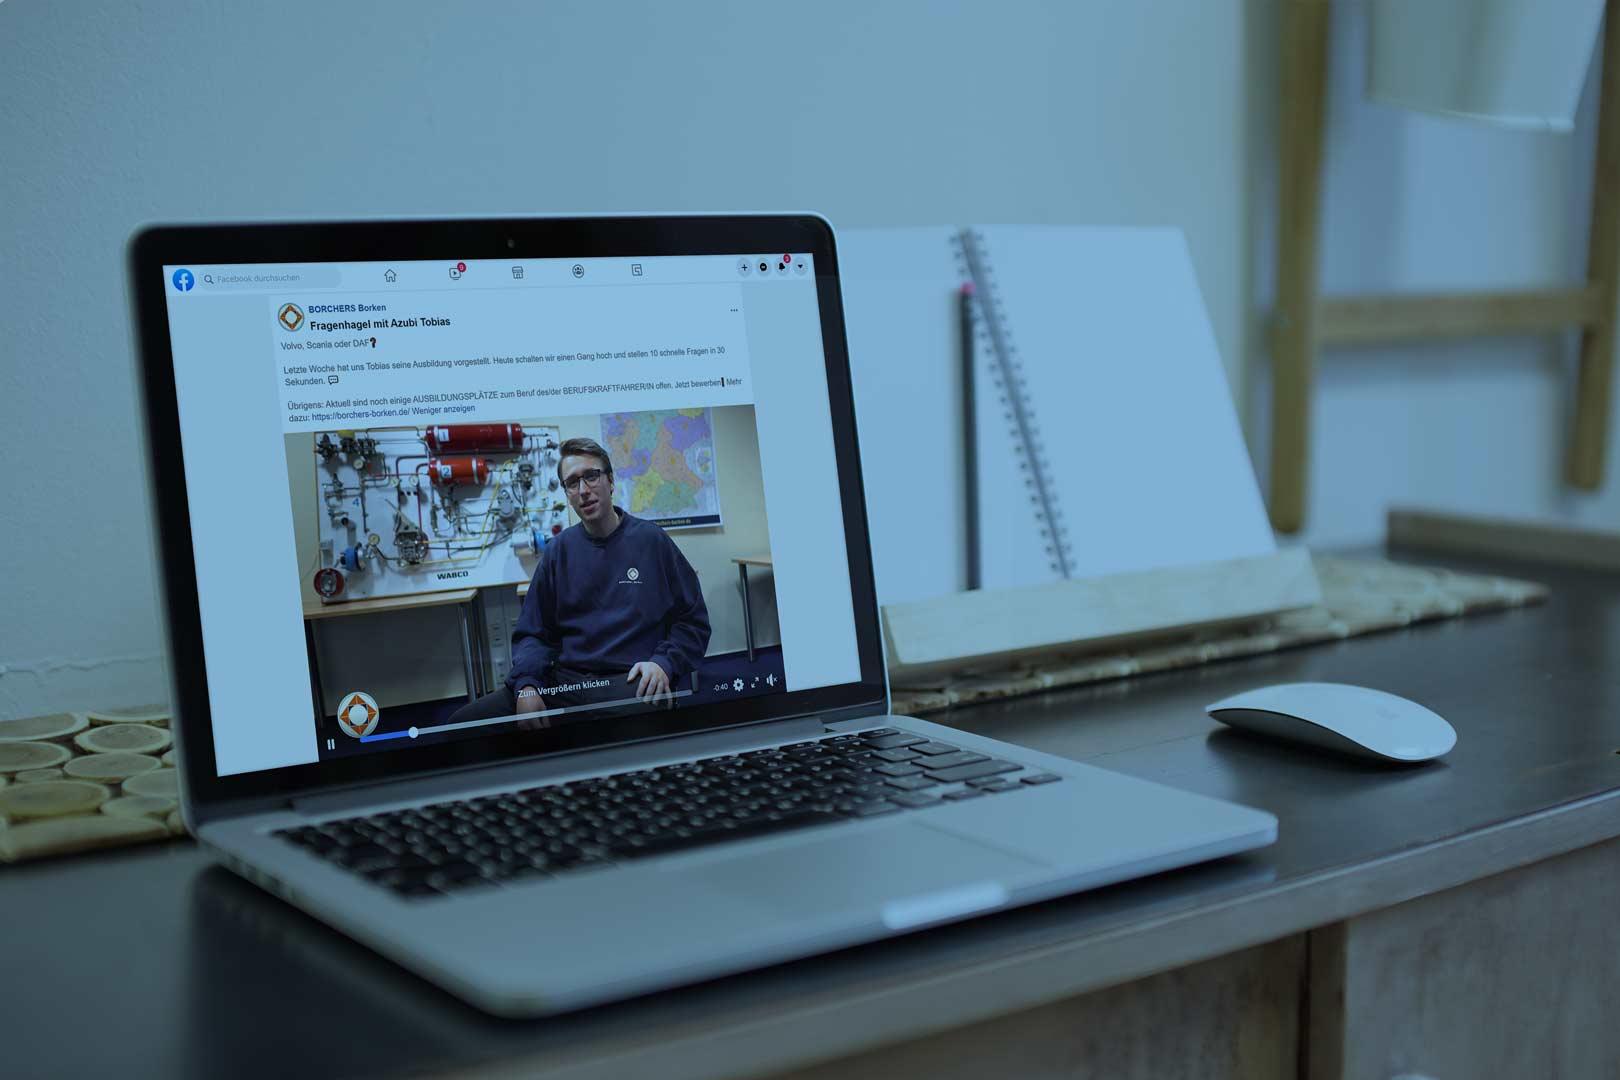 Referenz wird auf einem Laptop dargestellt.